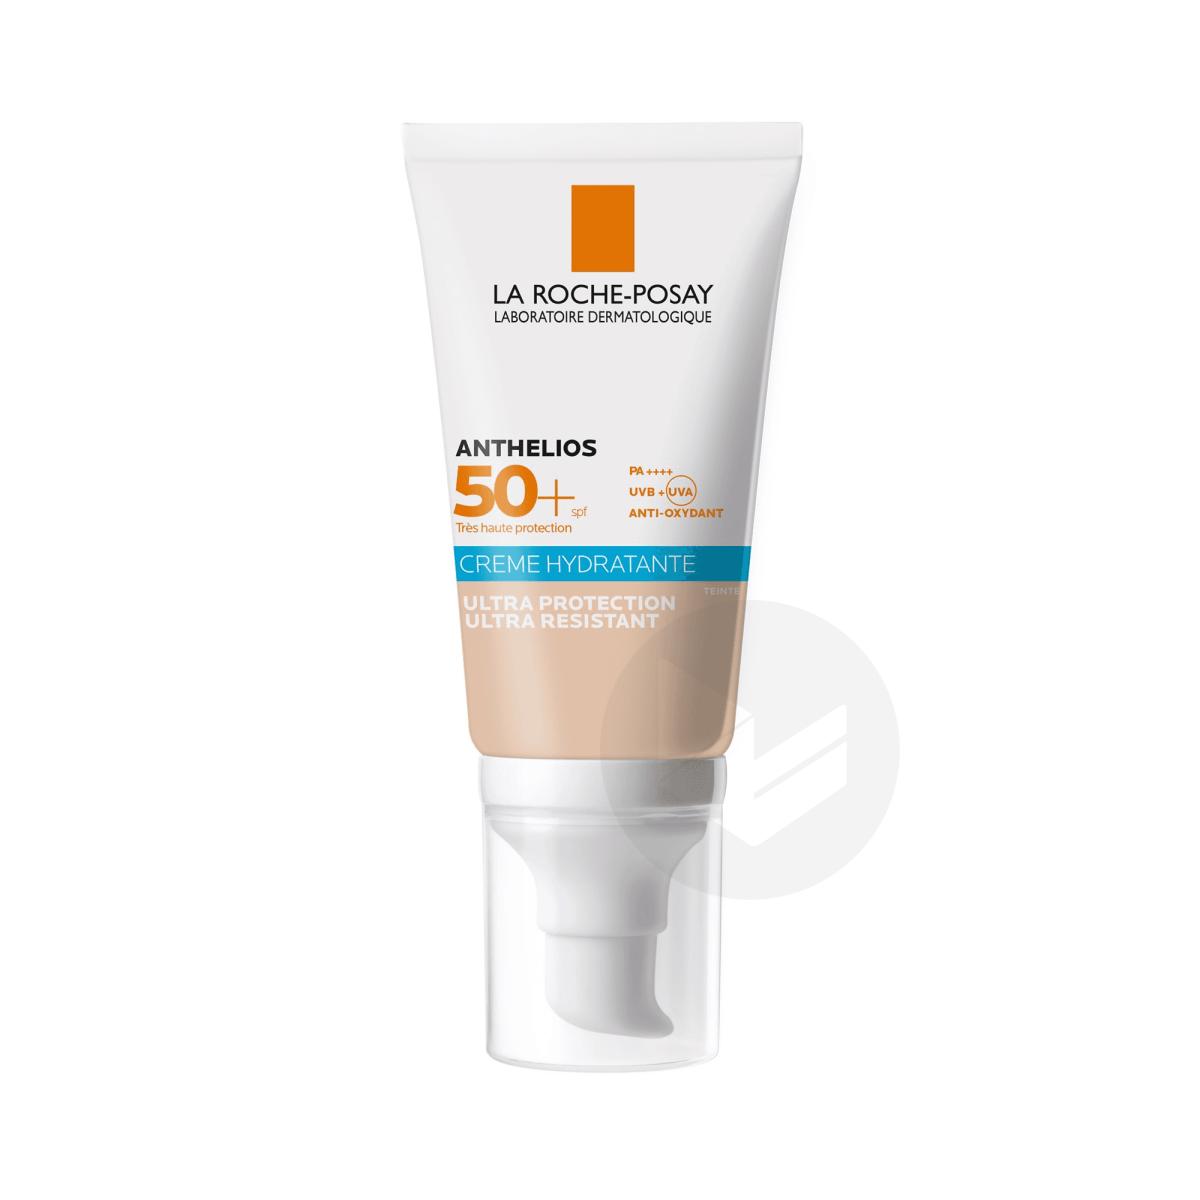 Anthelios Crème Solaire Hydratante Teintée Visage SPF50+ Avec Parfum 50ml